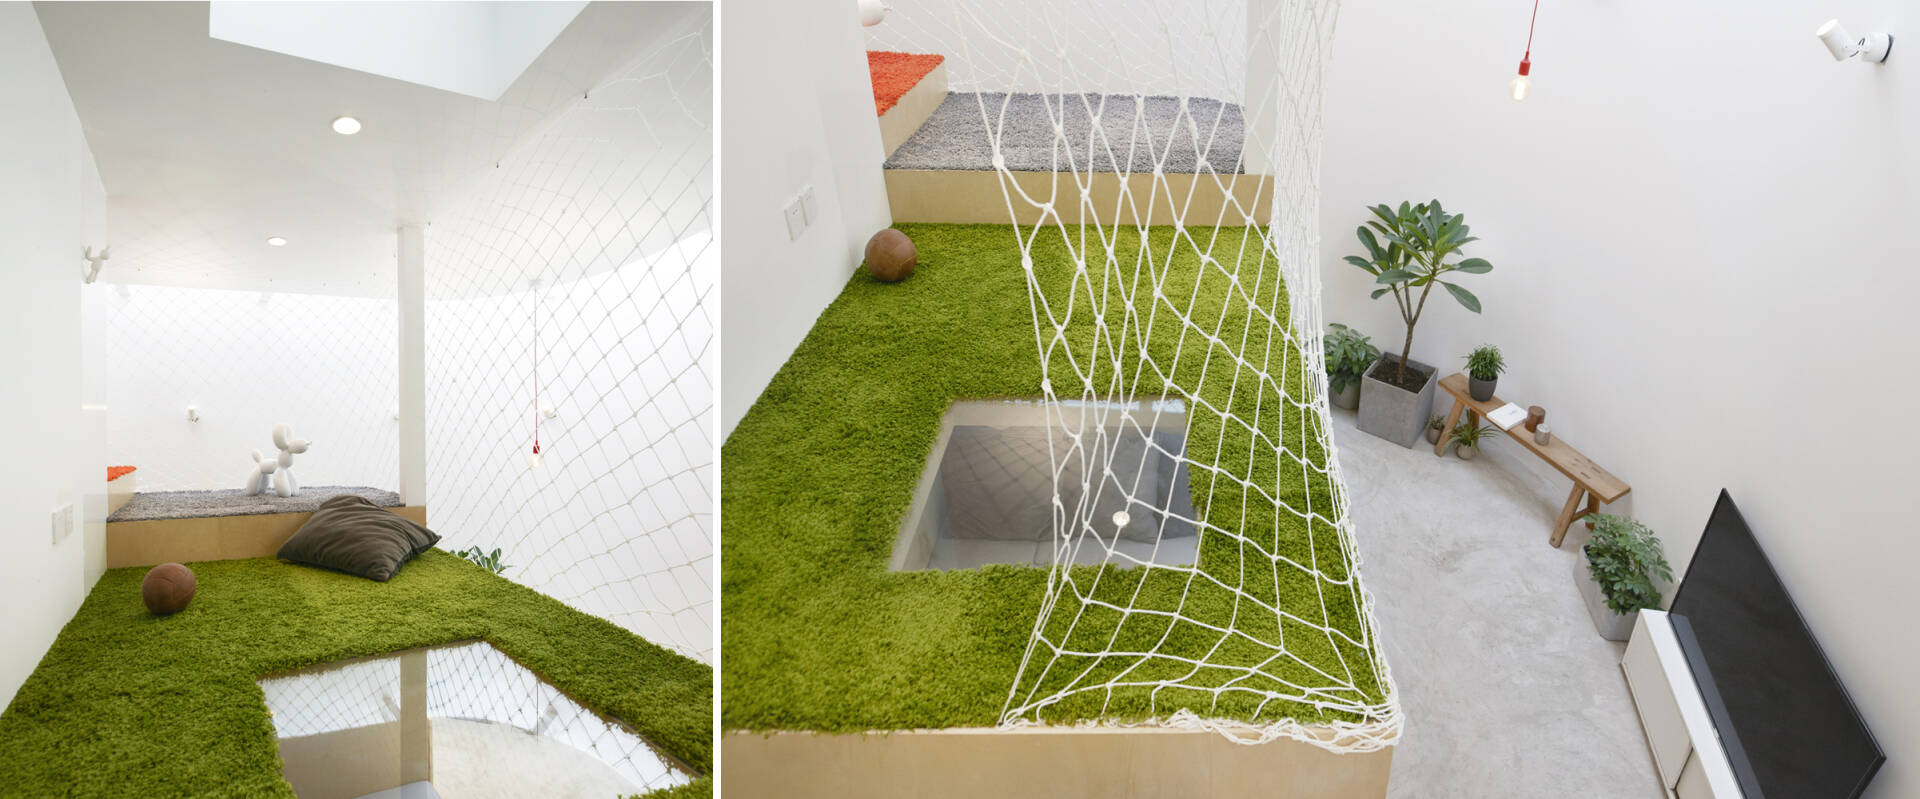 Khu vui chơi trên tầng lửng được trải thảm và bảo vệ bằng lưới an toàn, tạo cảm giác như một sân bóng thu nhỏ